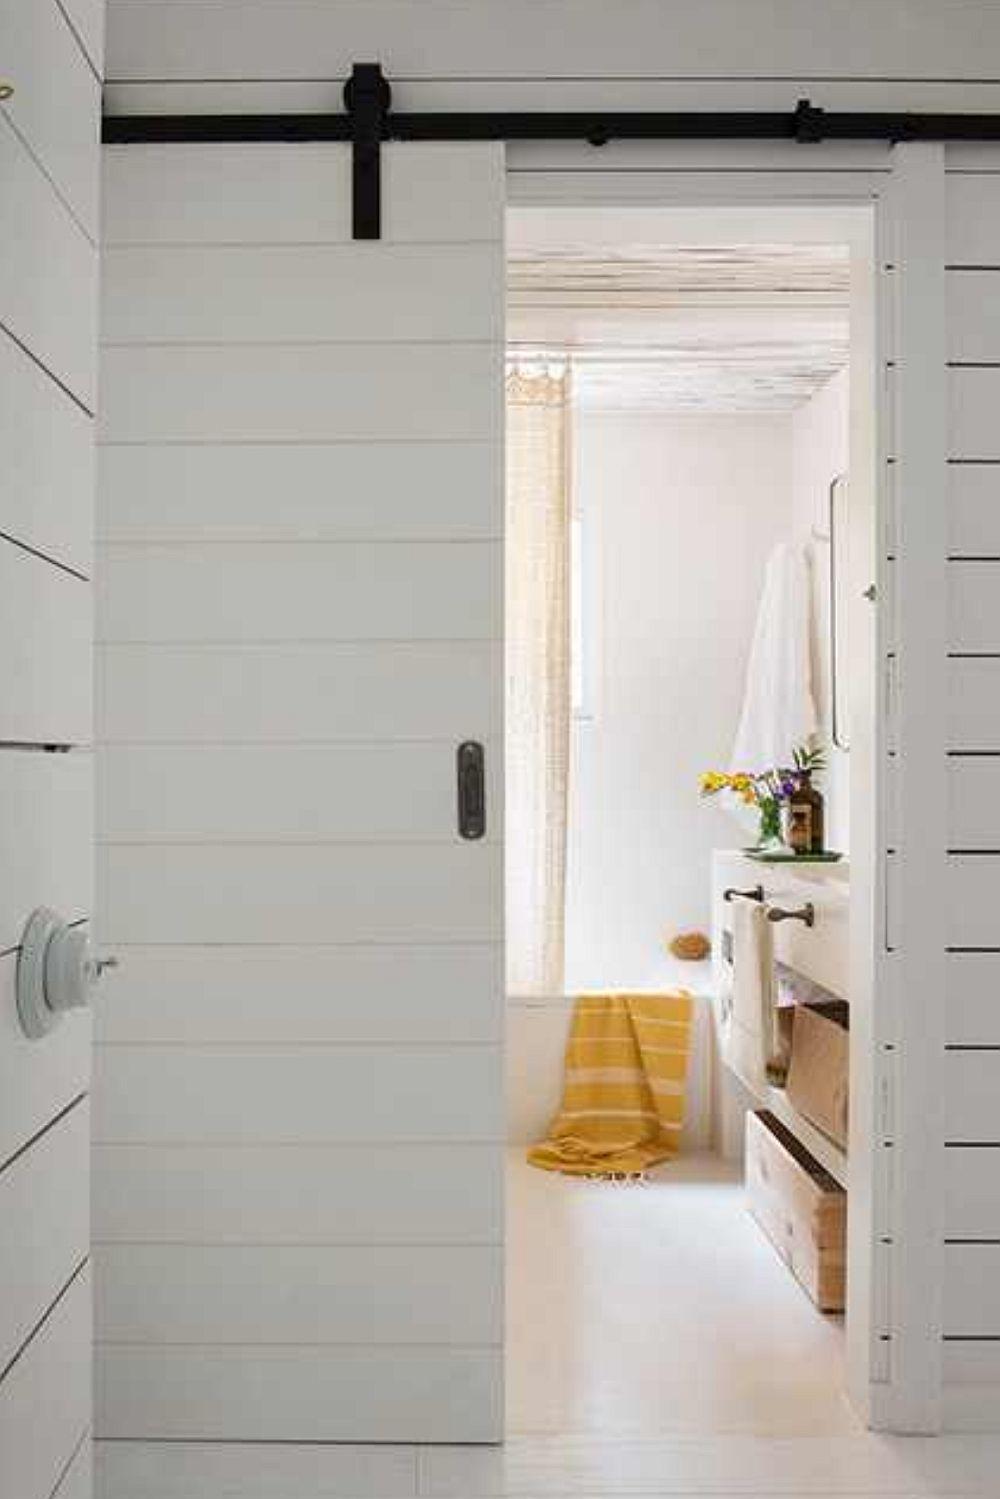 Baia este separată printr-o ușă culisantă potrivită aici pentru că spațiul este mic și s-a dorit ca totul să fie bine organizat și exploatat.